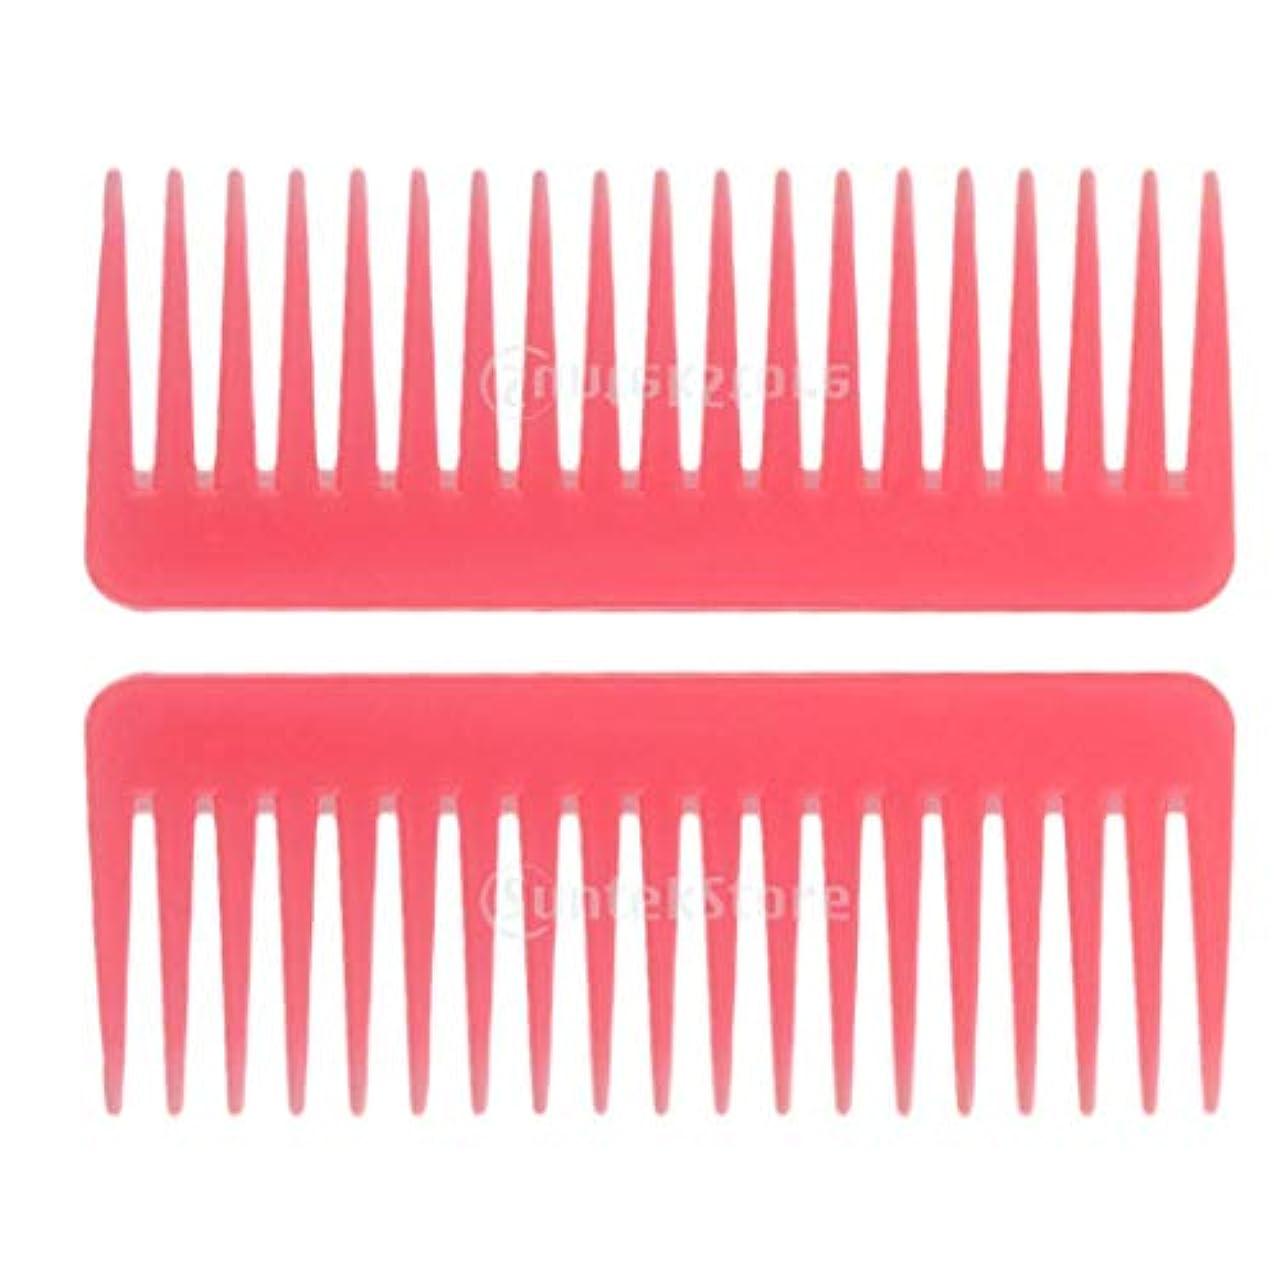 定規延期するアクチュエータヘアブラシ ヘアコーム 静電気防止櫛 広い歯コーム マッサージ サロン 理髪店 ツール 2個セット